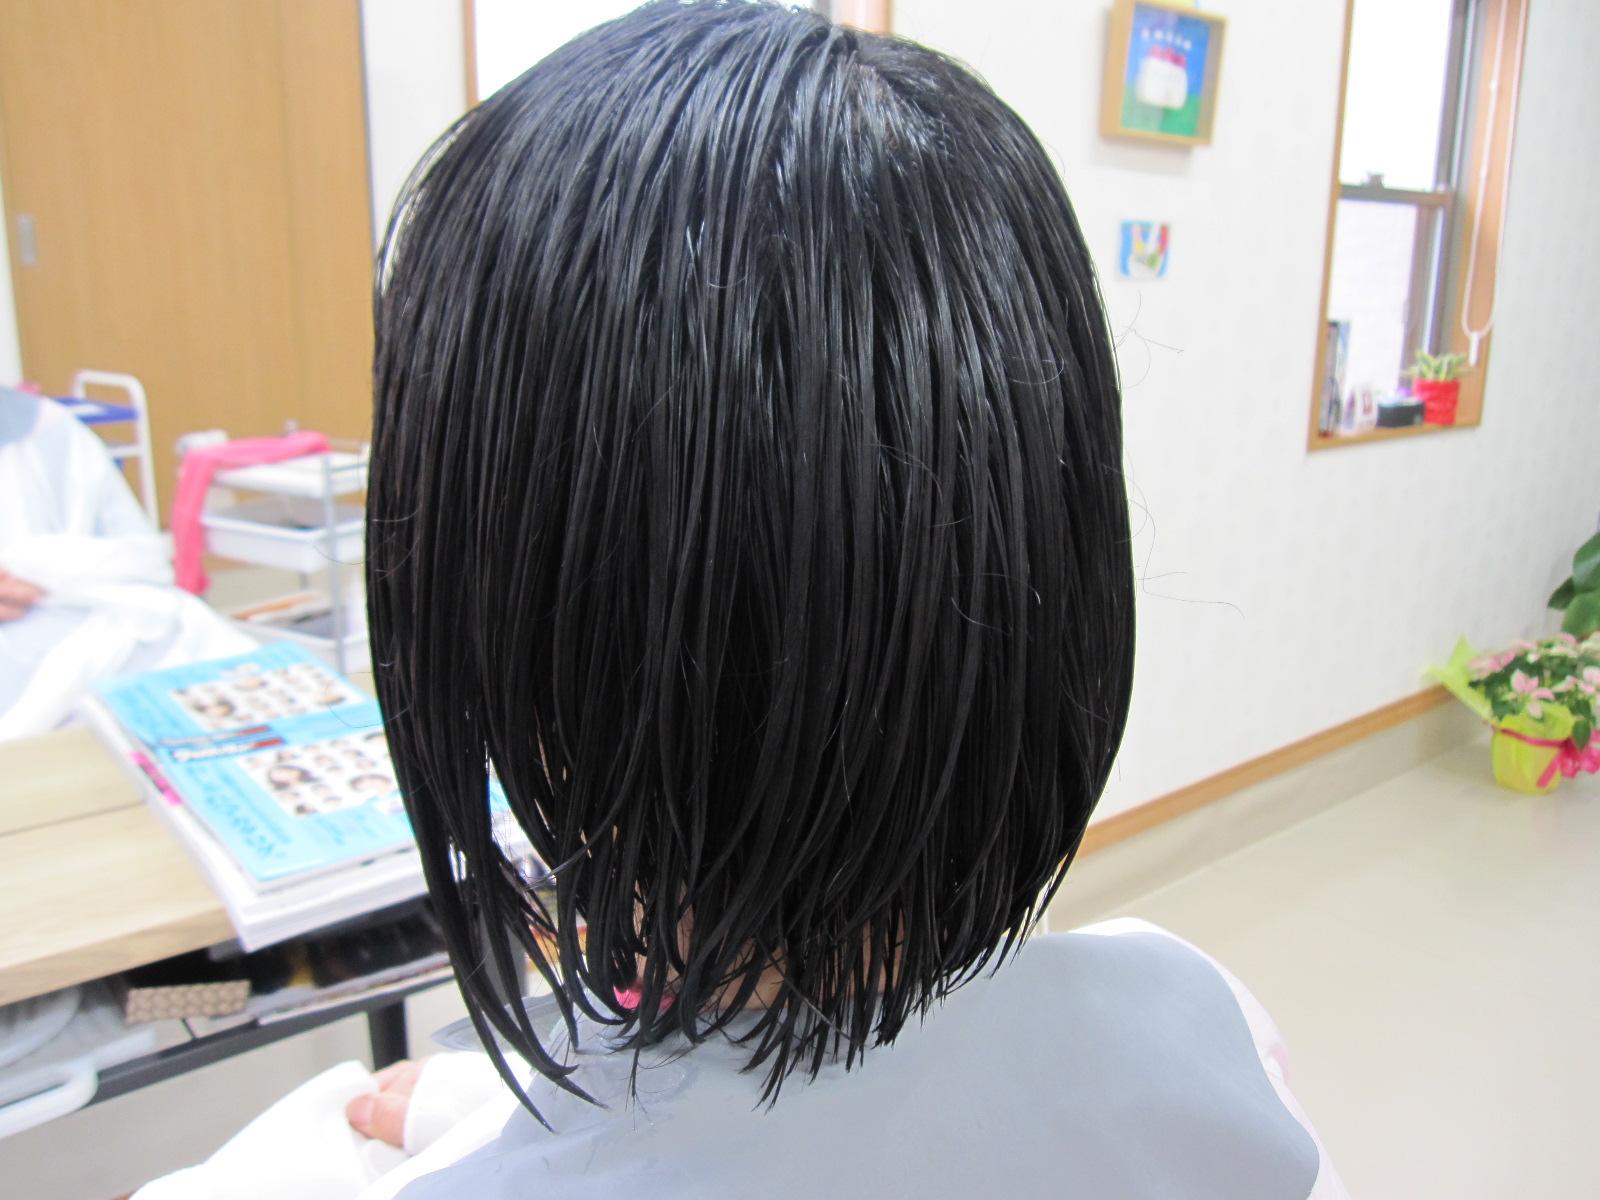 からまる!髪の毛いたんでるのかなぁ~